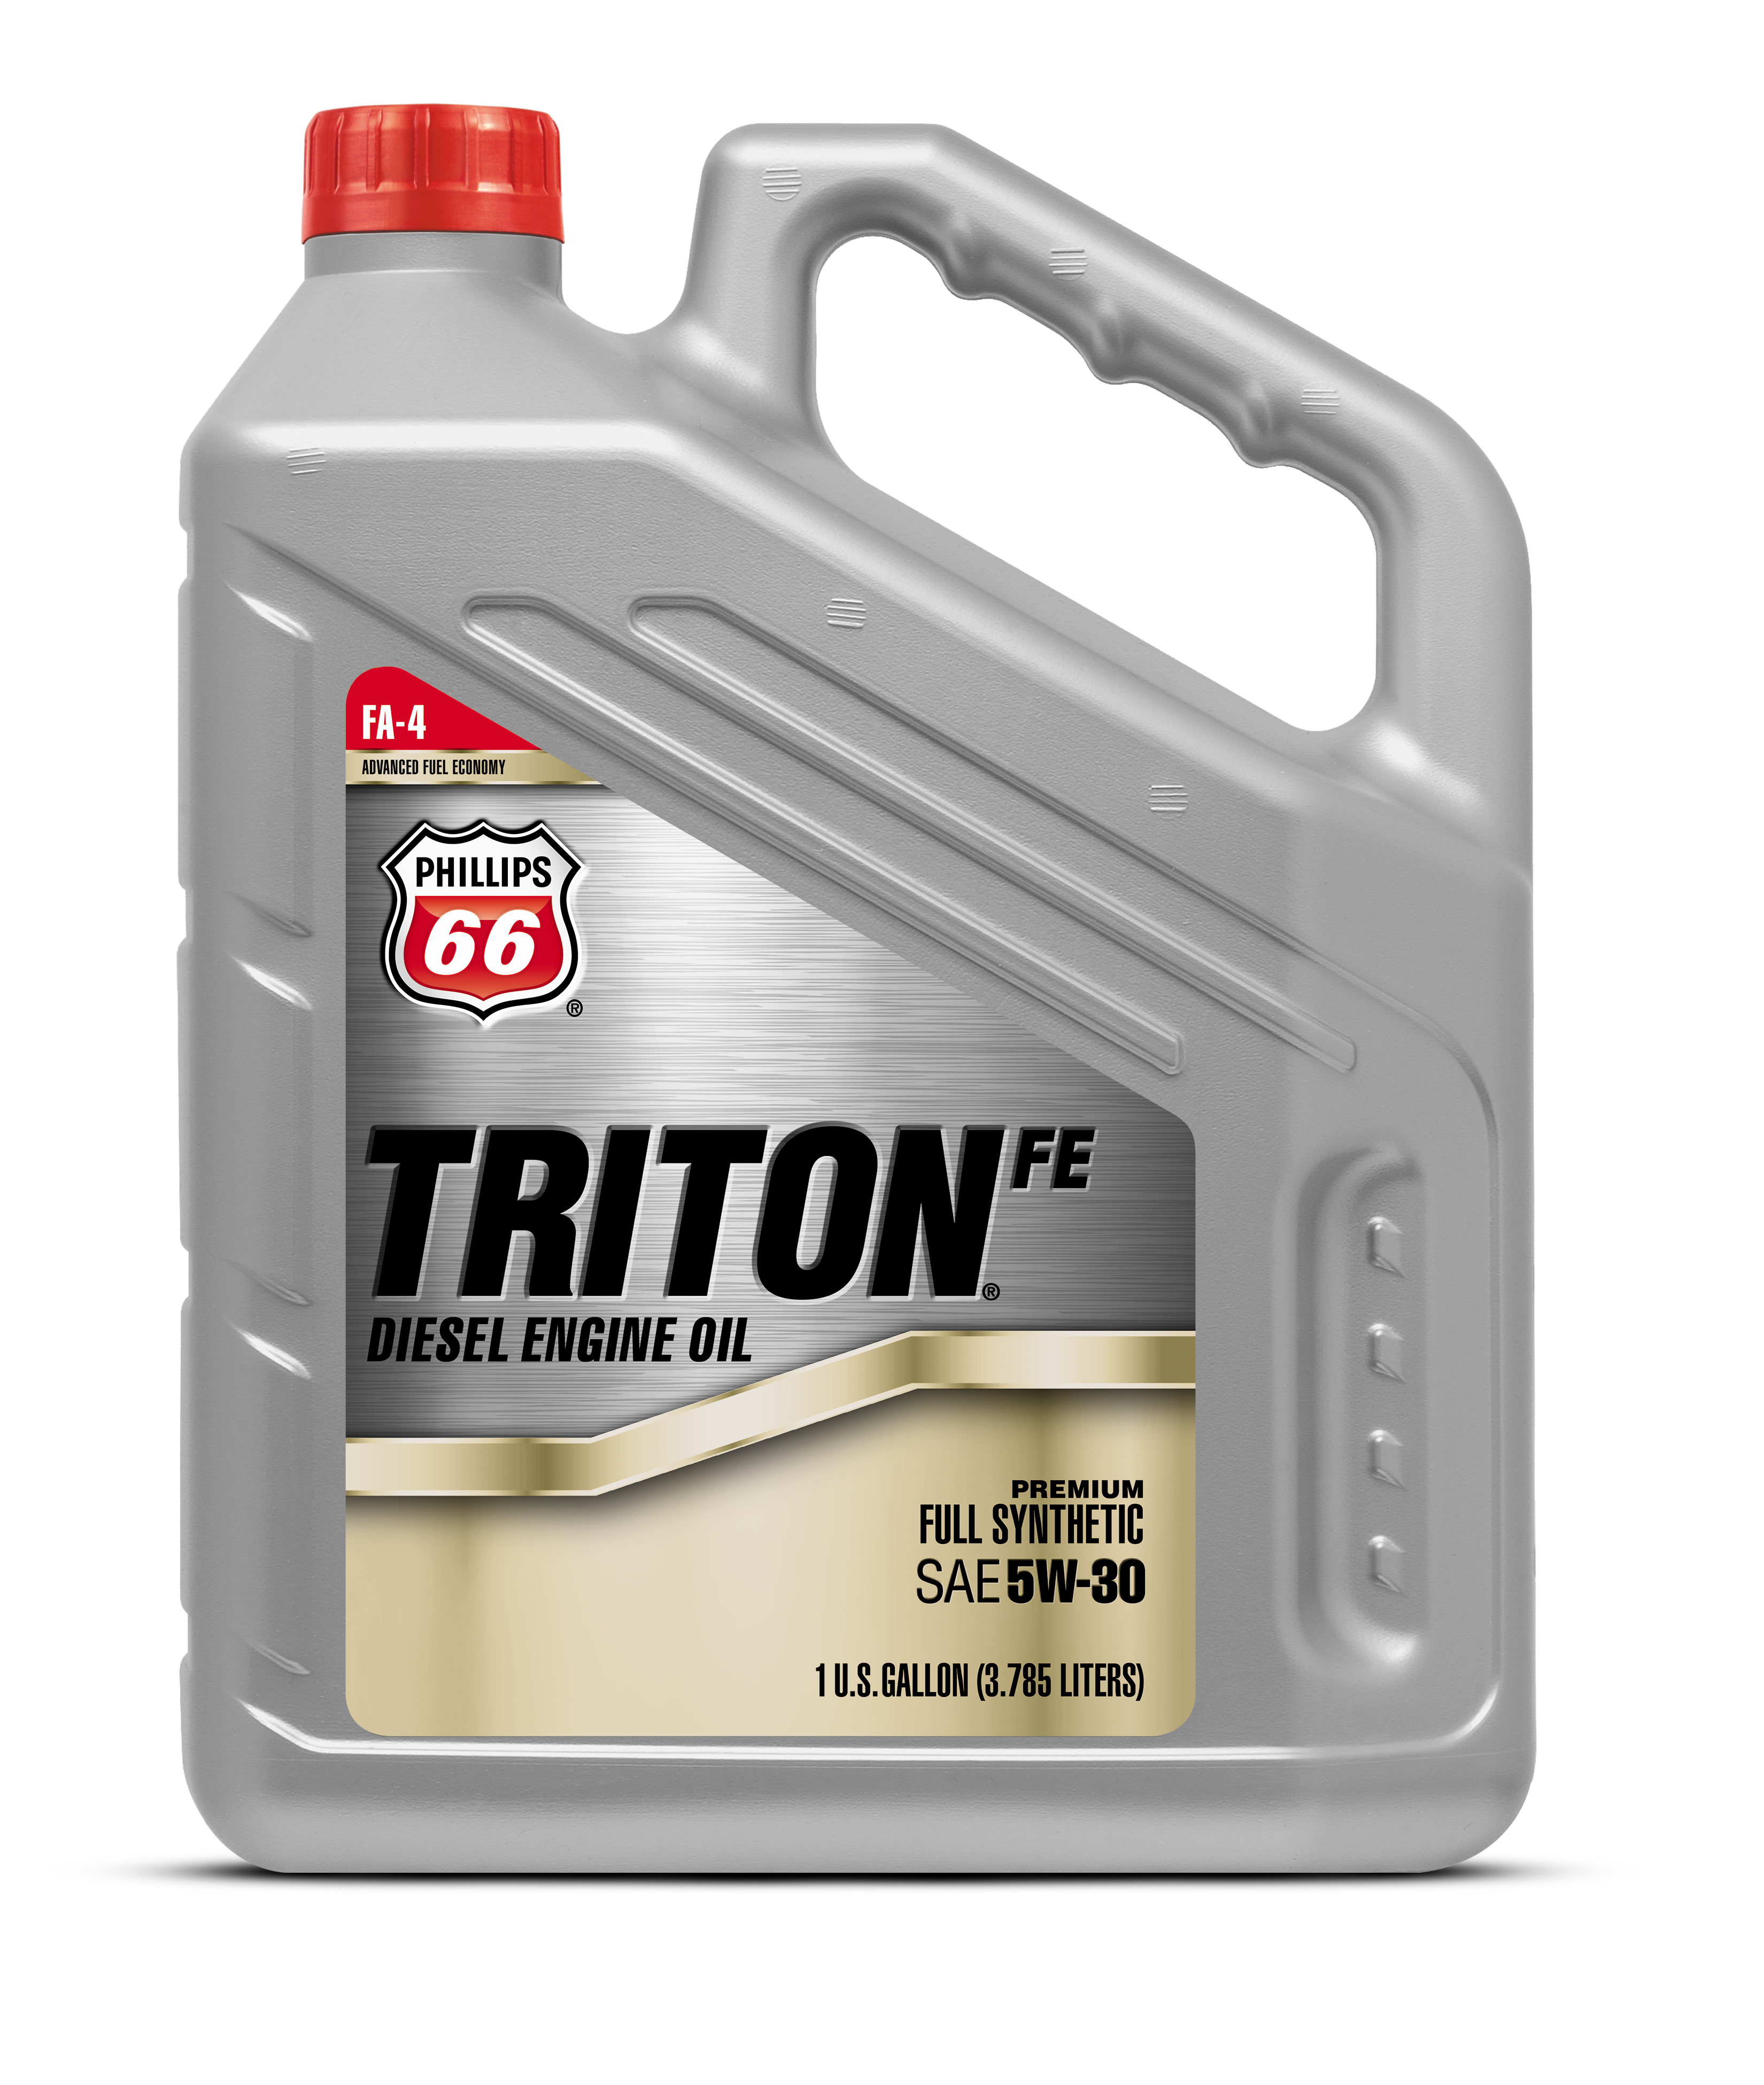 Phillips p g triton. Gas clipart petrol pump machine